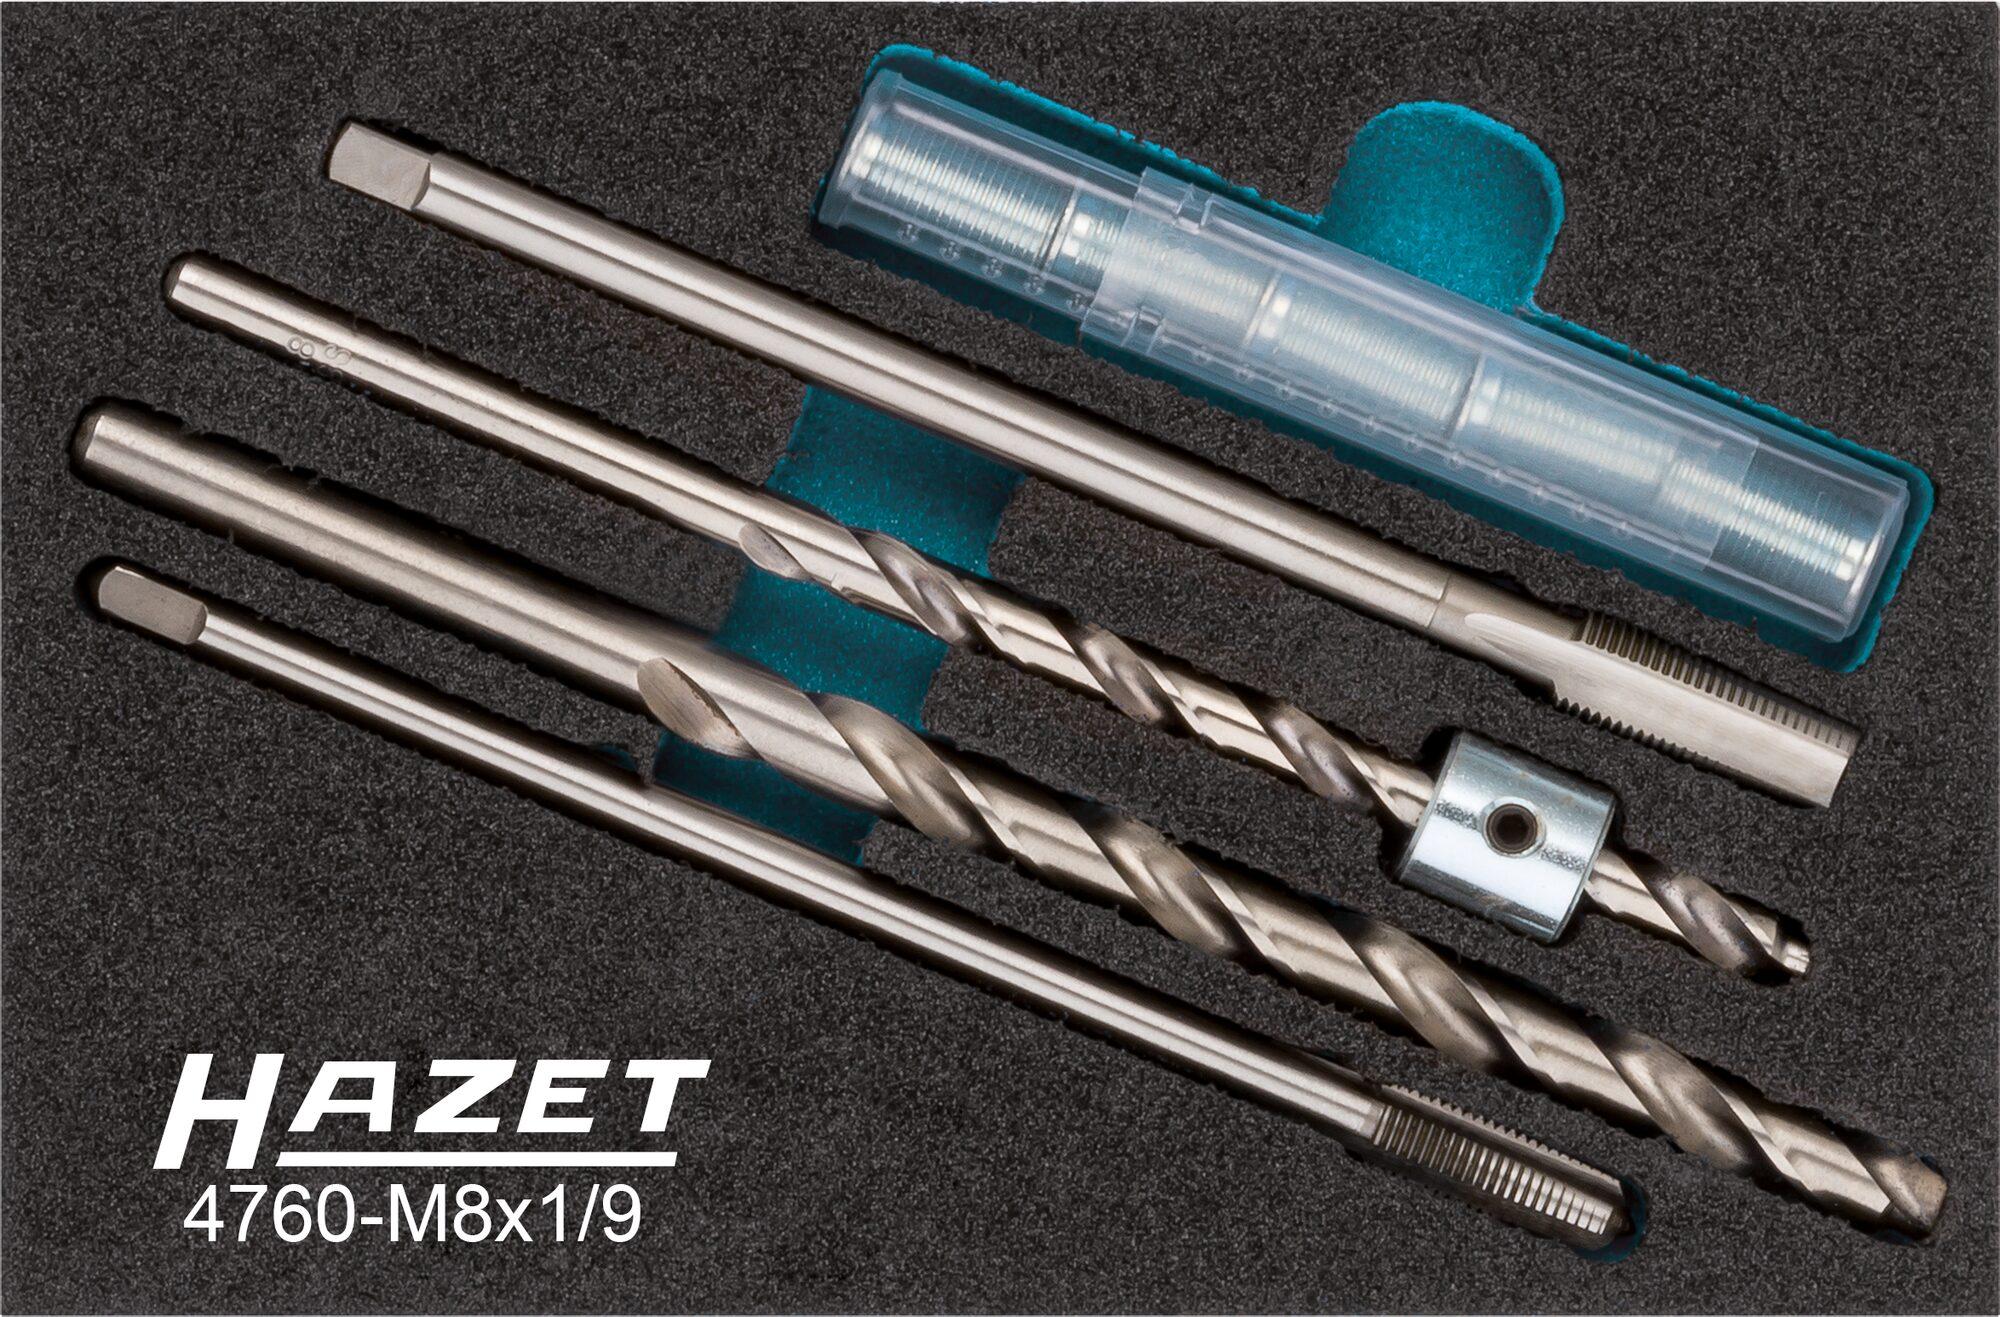 HAZET Glühkerzen Reparatur Satz 4760-M8X1/9 ∙ Anzahl Werkzeuge: 9